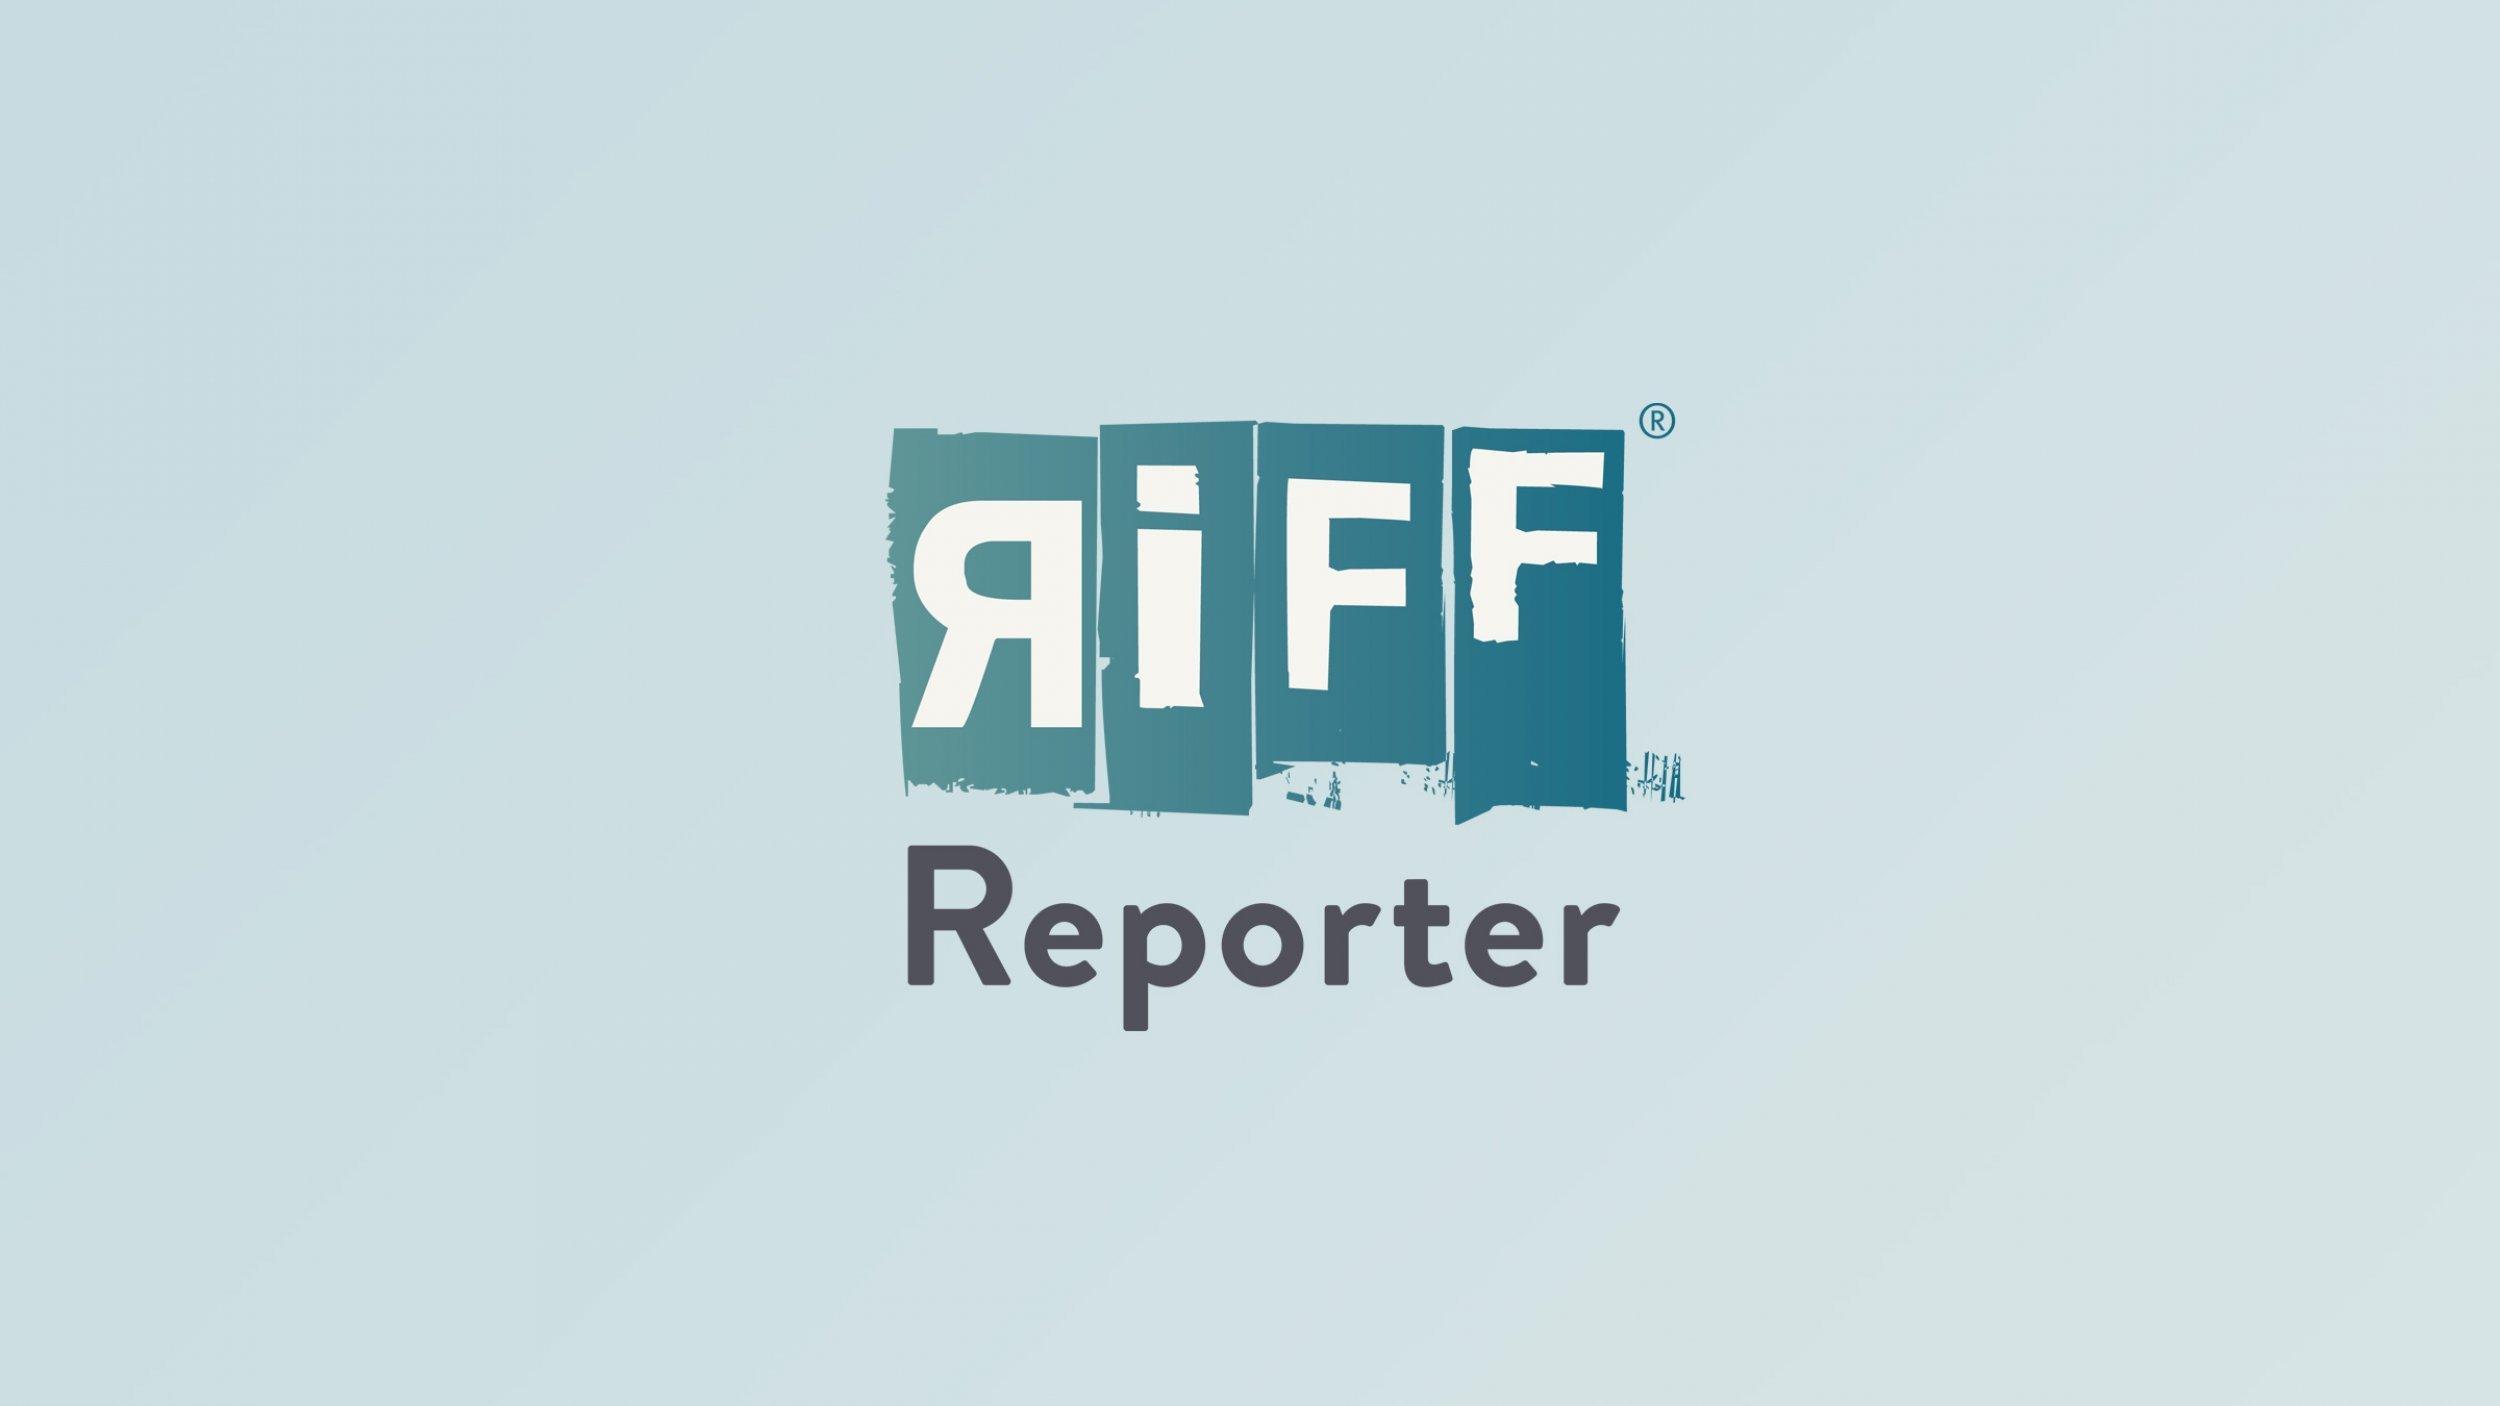 Silhouette eines entfernt laufenden Mannes. Neben die ebenfalls schwarzen Silhouetten zweier Bäume. Vor ihm Wasser, hinter ihm Himmel – beides vom Sonnenuntergang orange gefärbt.